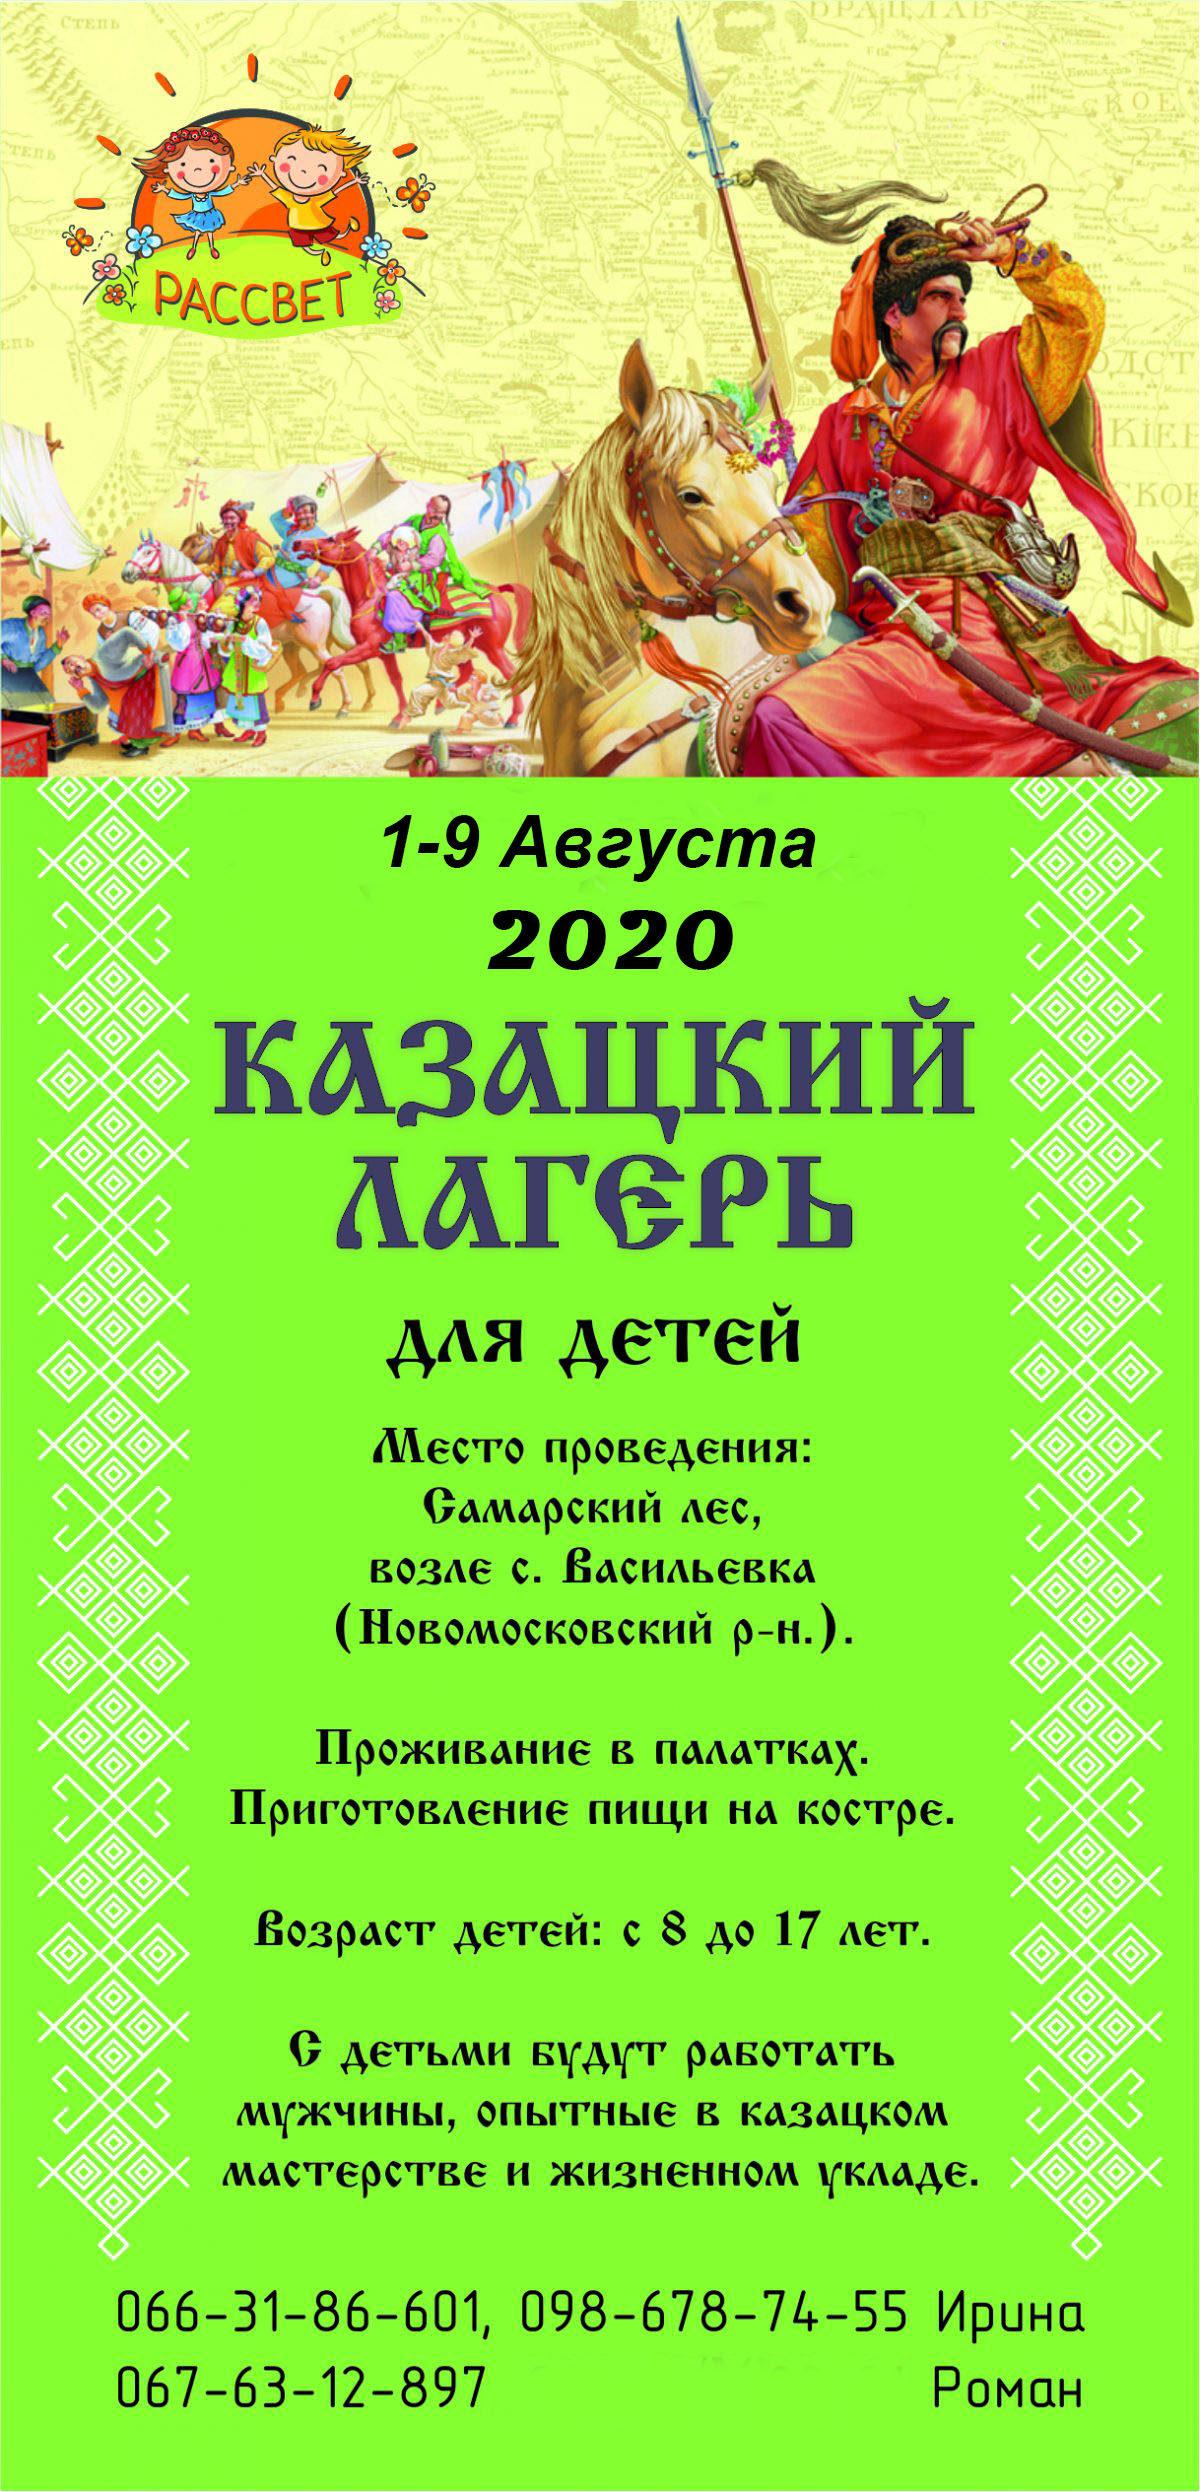 Казацкий Лагерь 1-9 июля 2020г